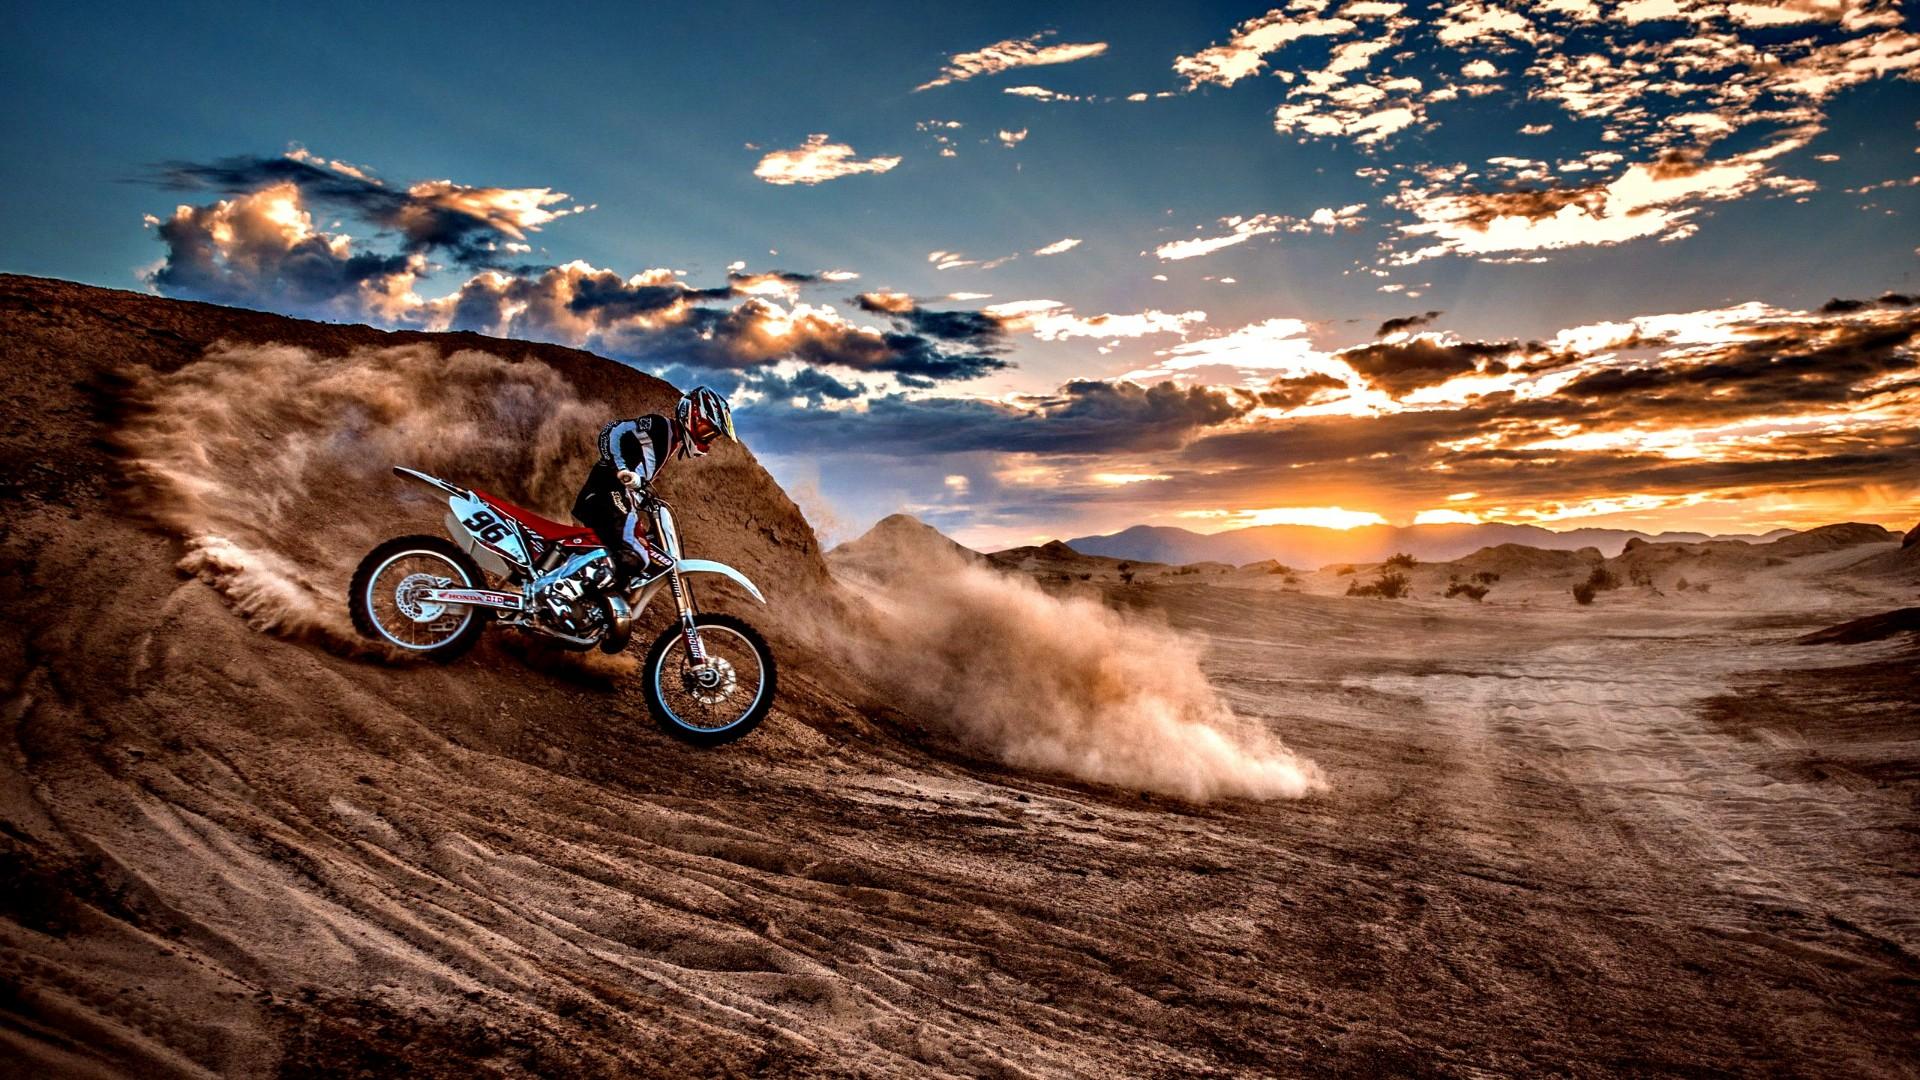 Dakar Rally wallpaper